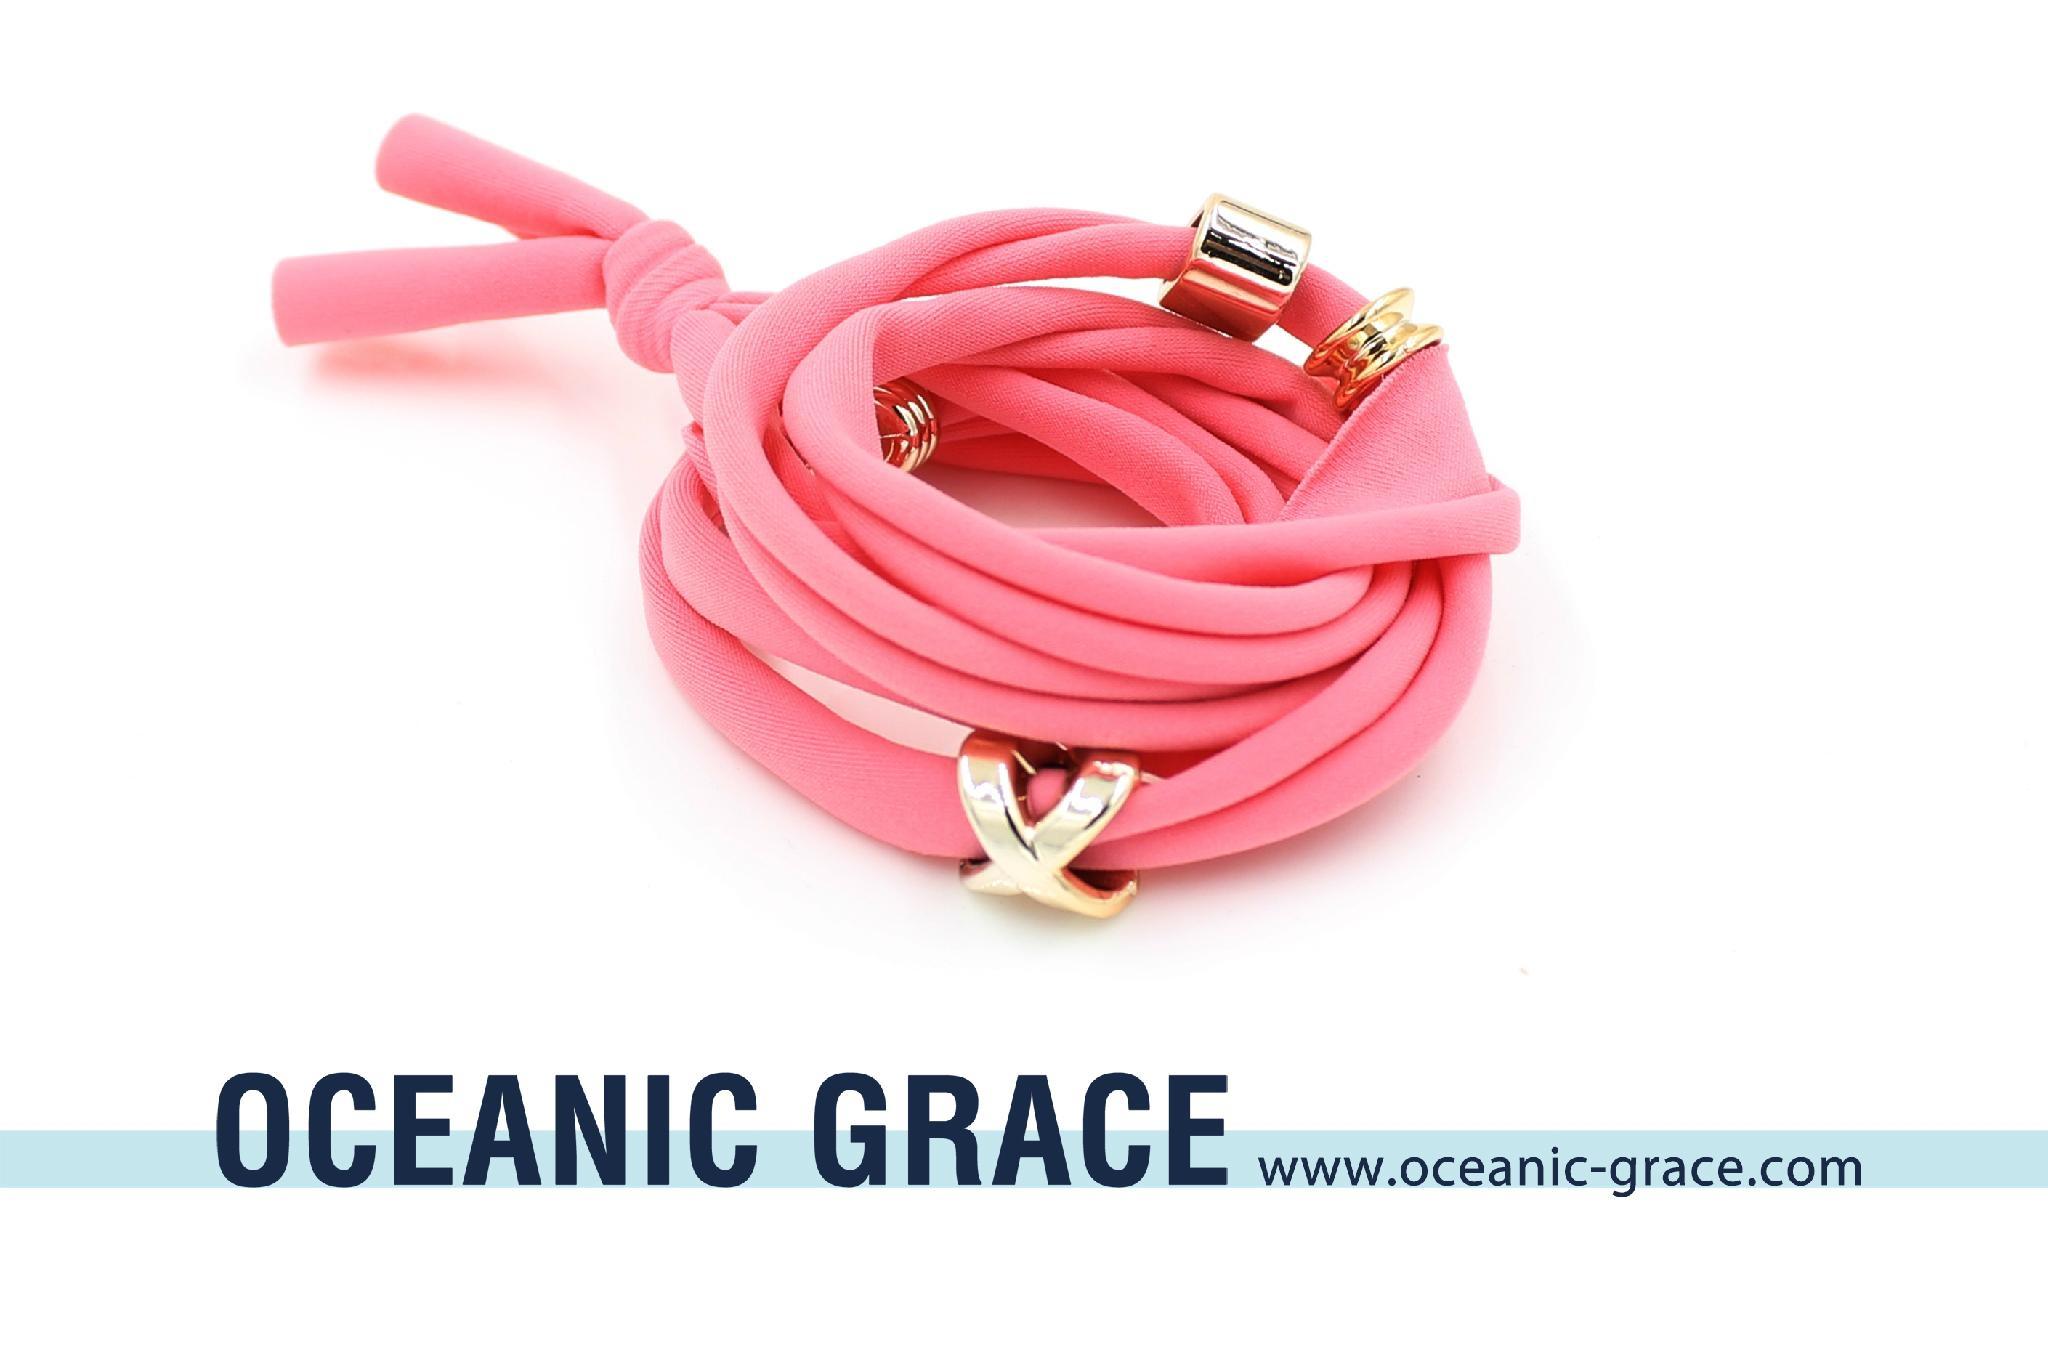 Stretchy Bracelet with Beads and Charms Kids Bracelets BFF Bracelets 1